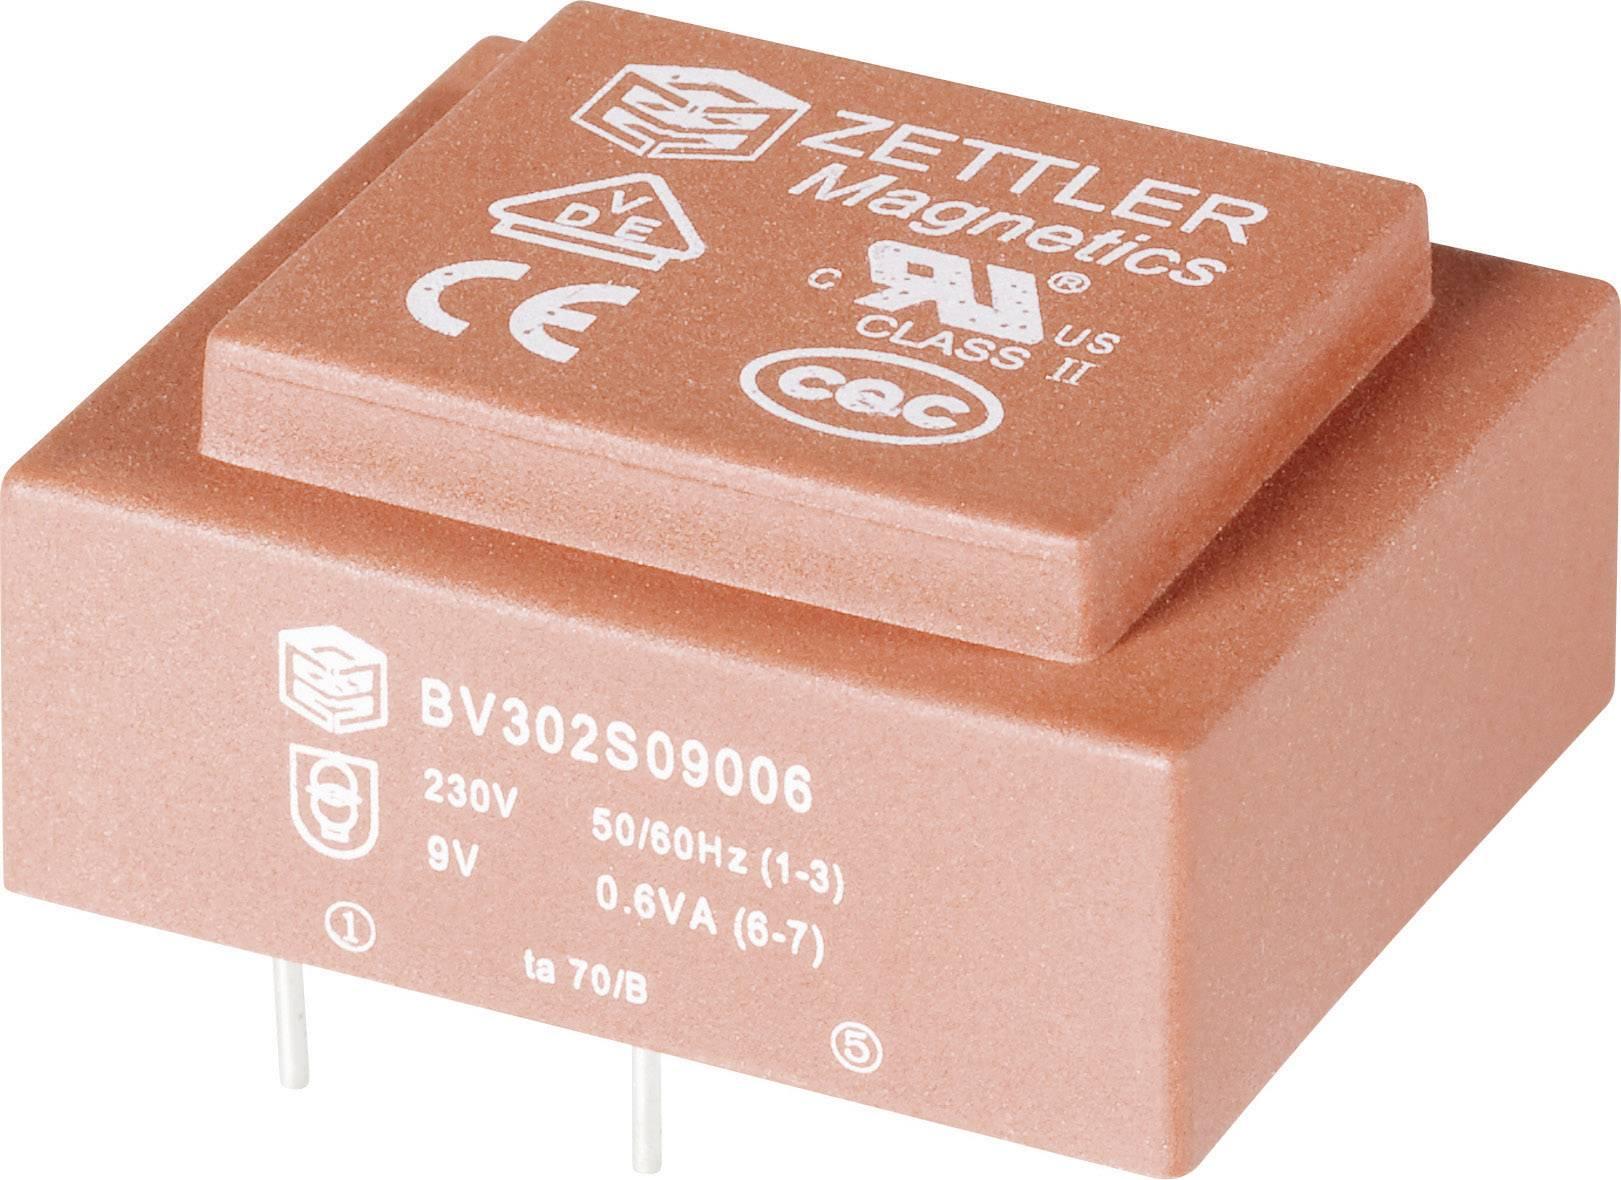 Transformátor do DPS Zettler Magnetics BV302D06010, 1 VA